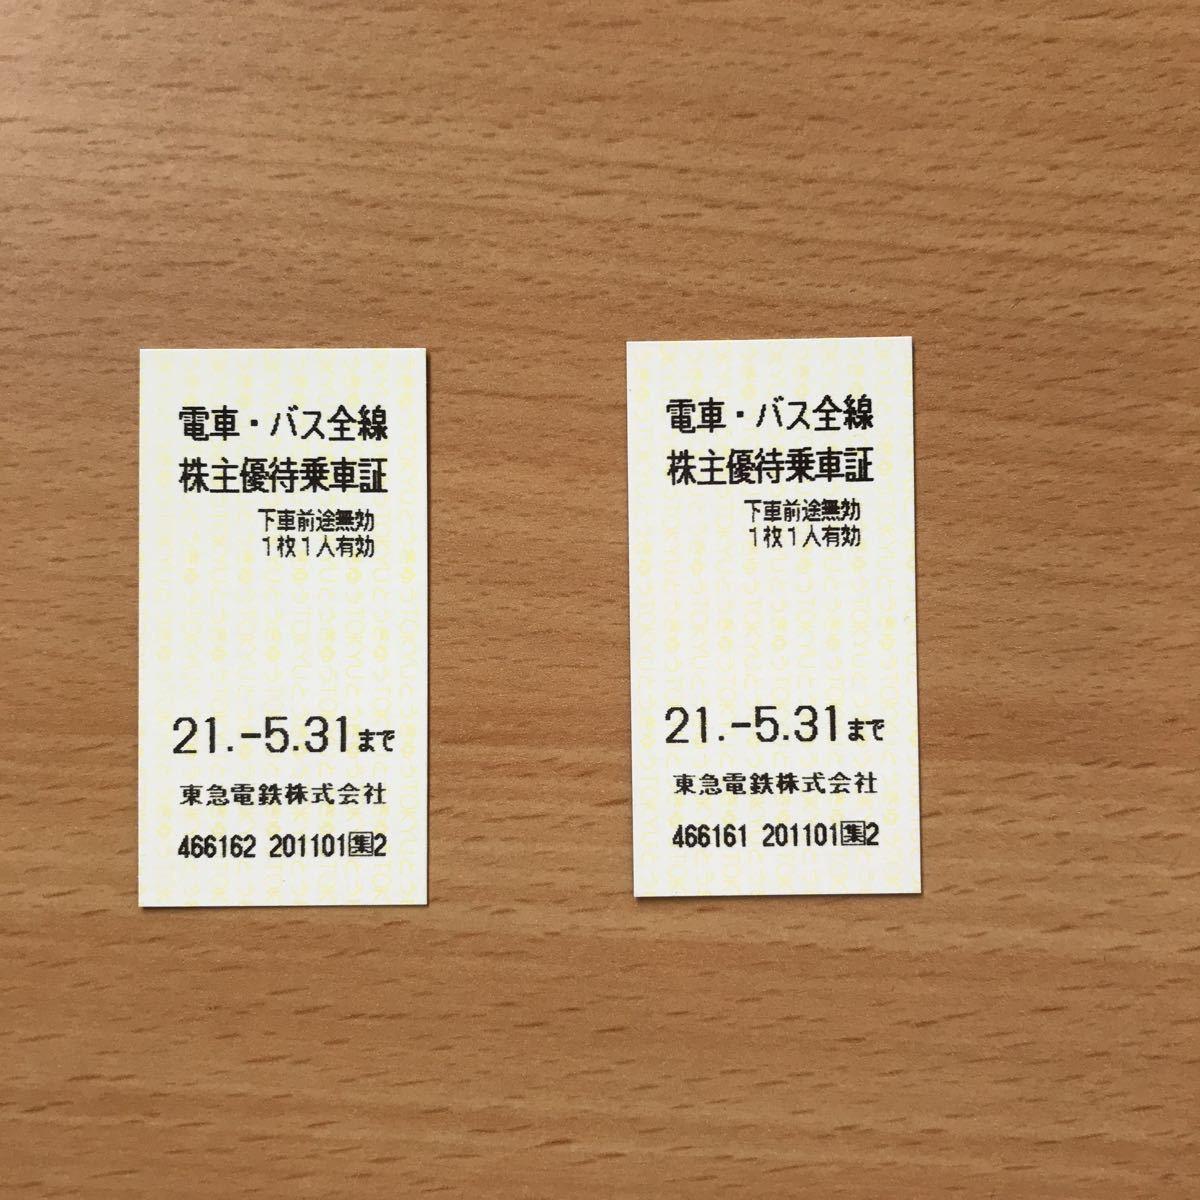 東急電鉄★株主優待乗車証 乗車券 2枚 ※有効期限 2021年5月31日_画像1